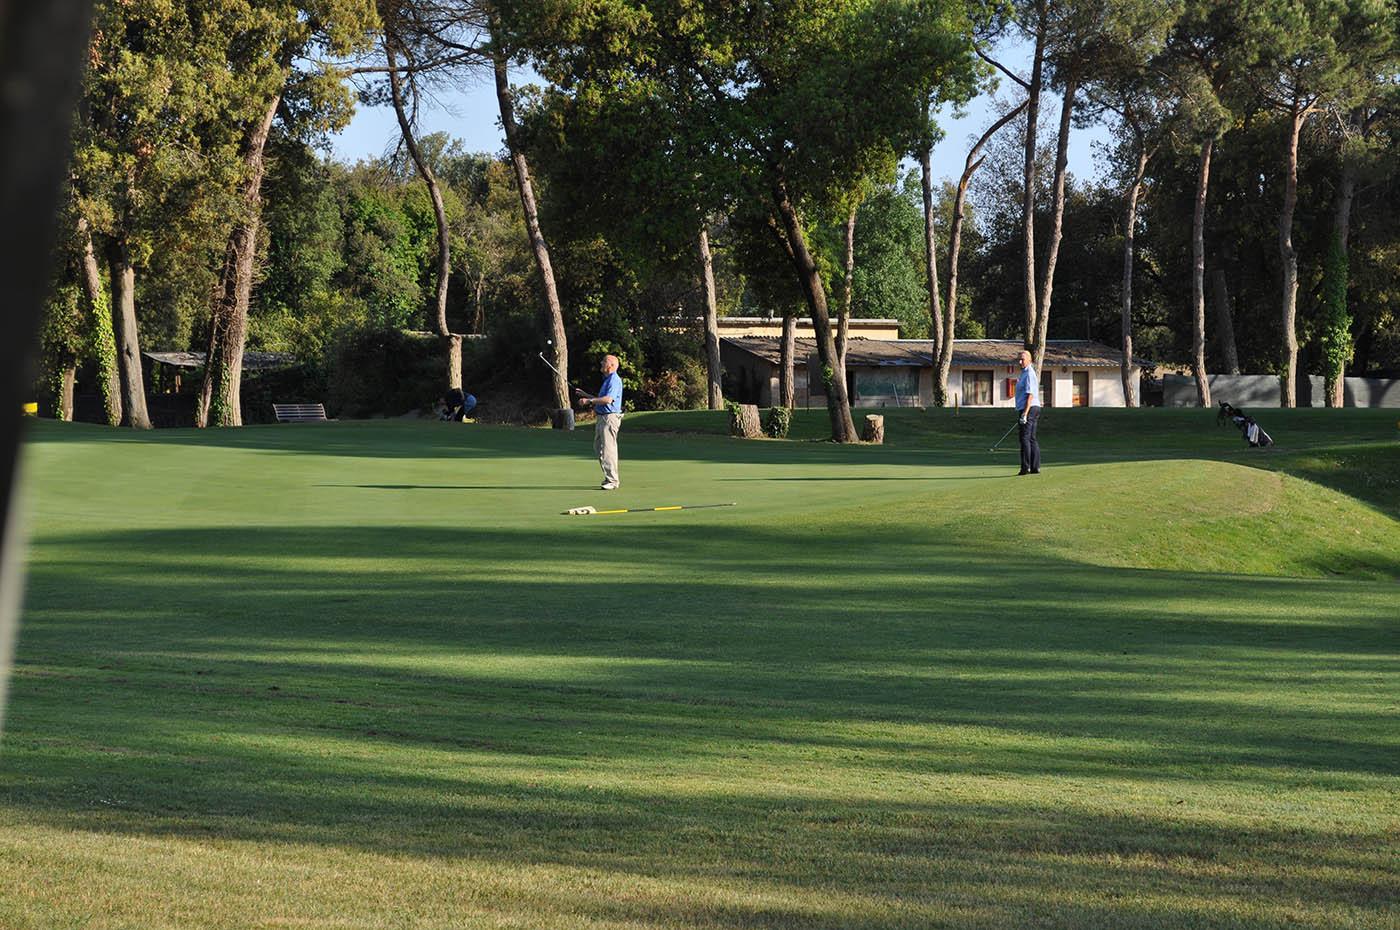 Das aktive Clubleben macht den Golf Club Tirrenia noch sympathischer.